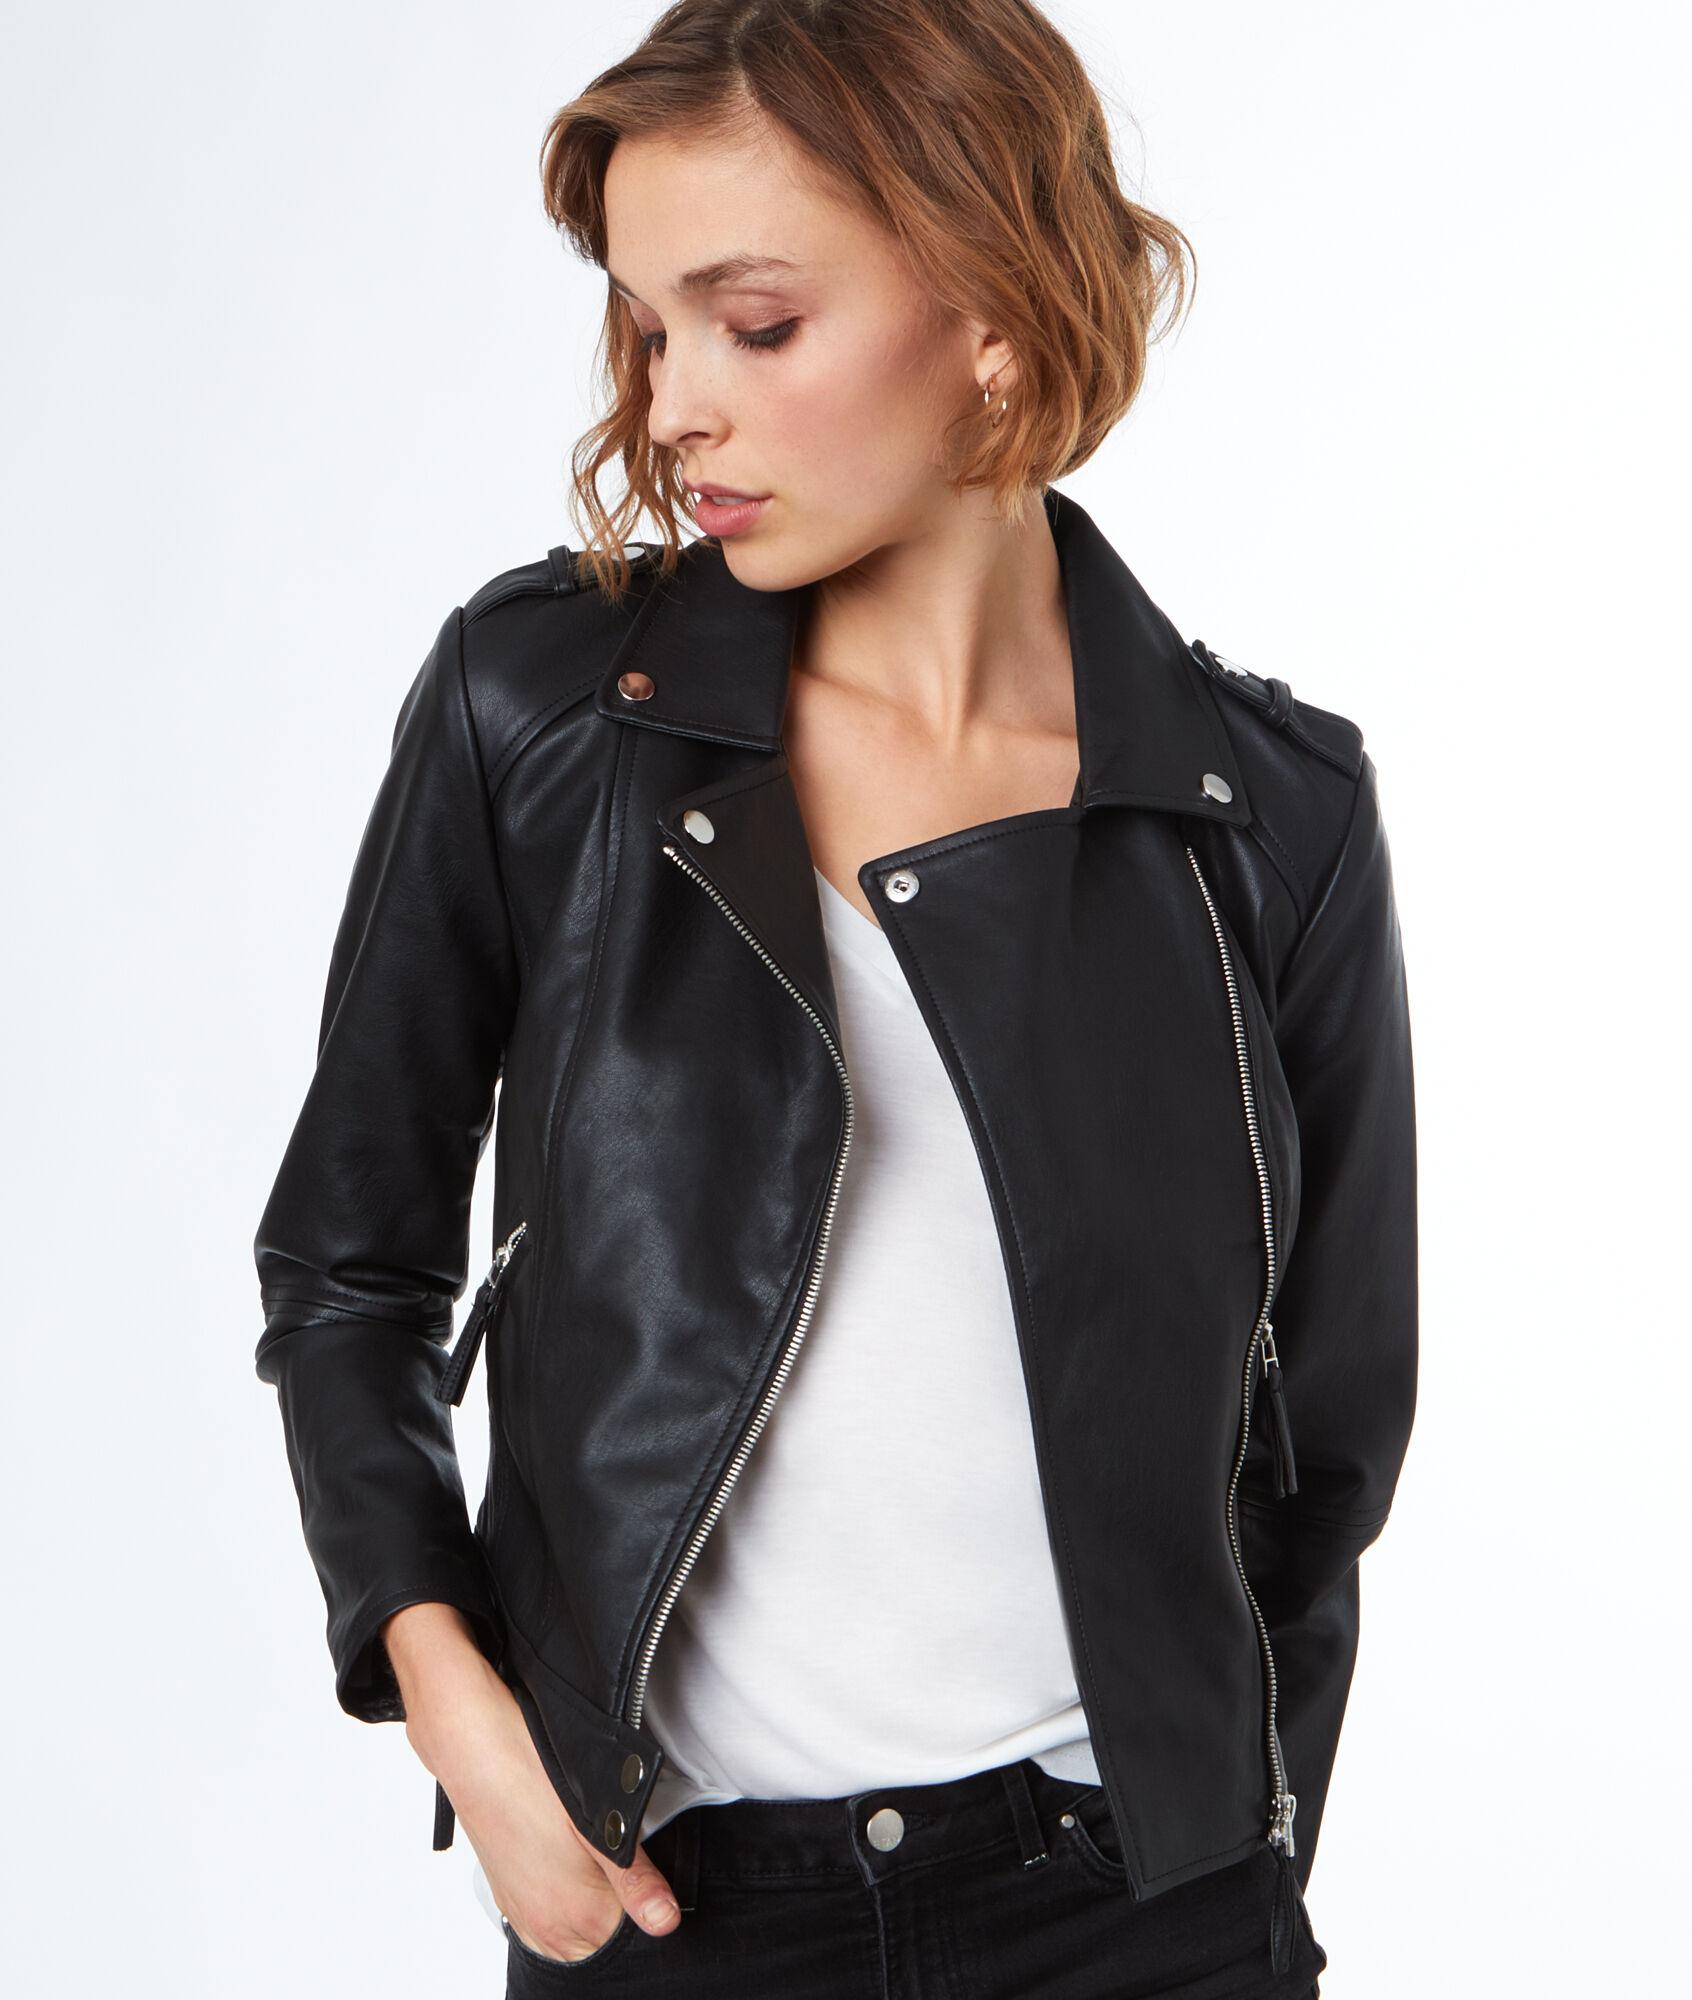 meilleures offres sur chaussures pour pas cher bas prix Blouson biker effet cuir - Vestes & manteaux - Prêt-à-porter - Outlet -  Outlet